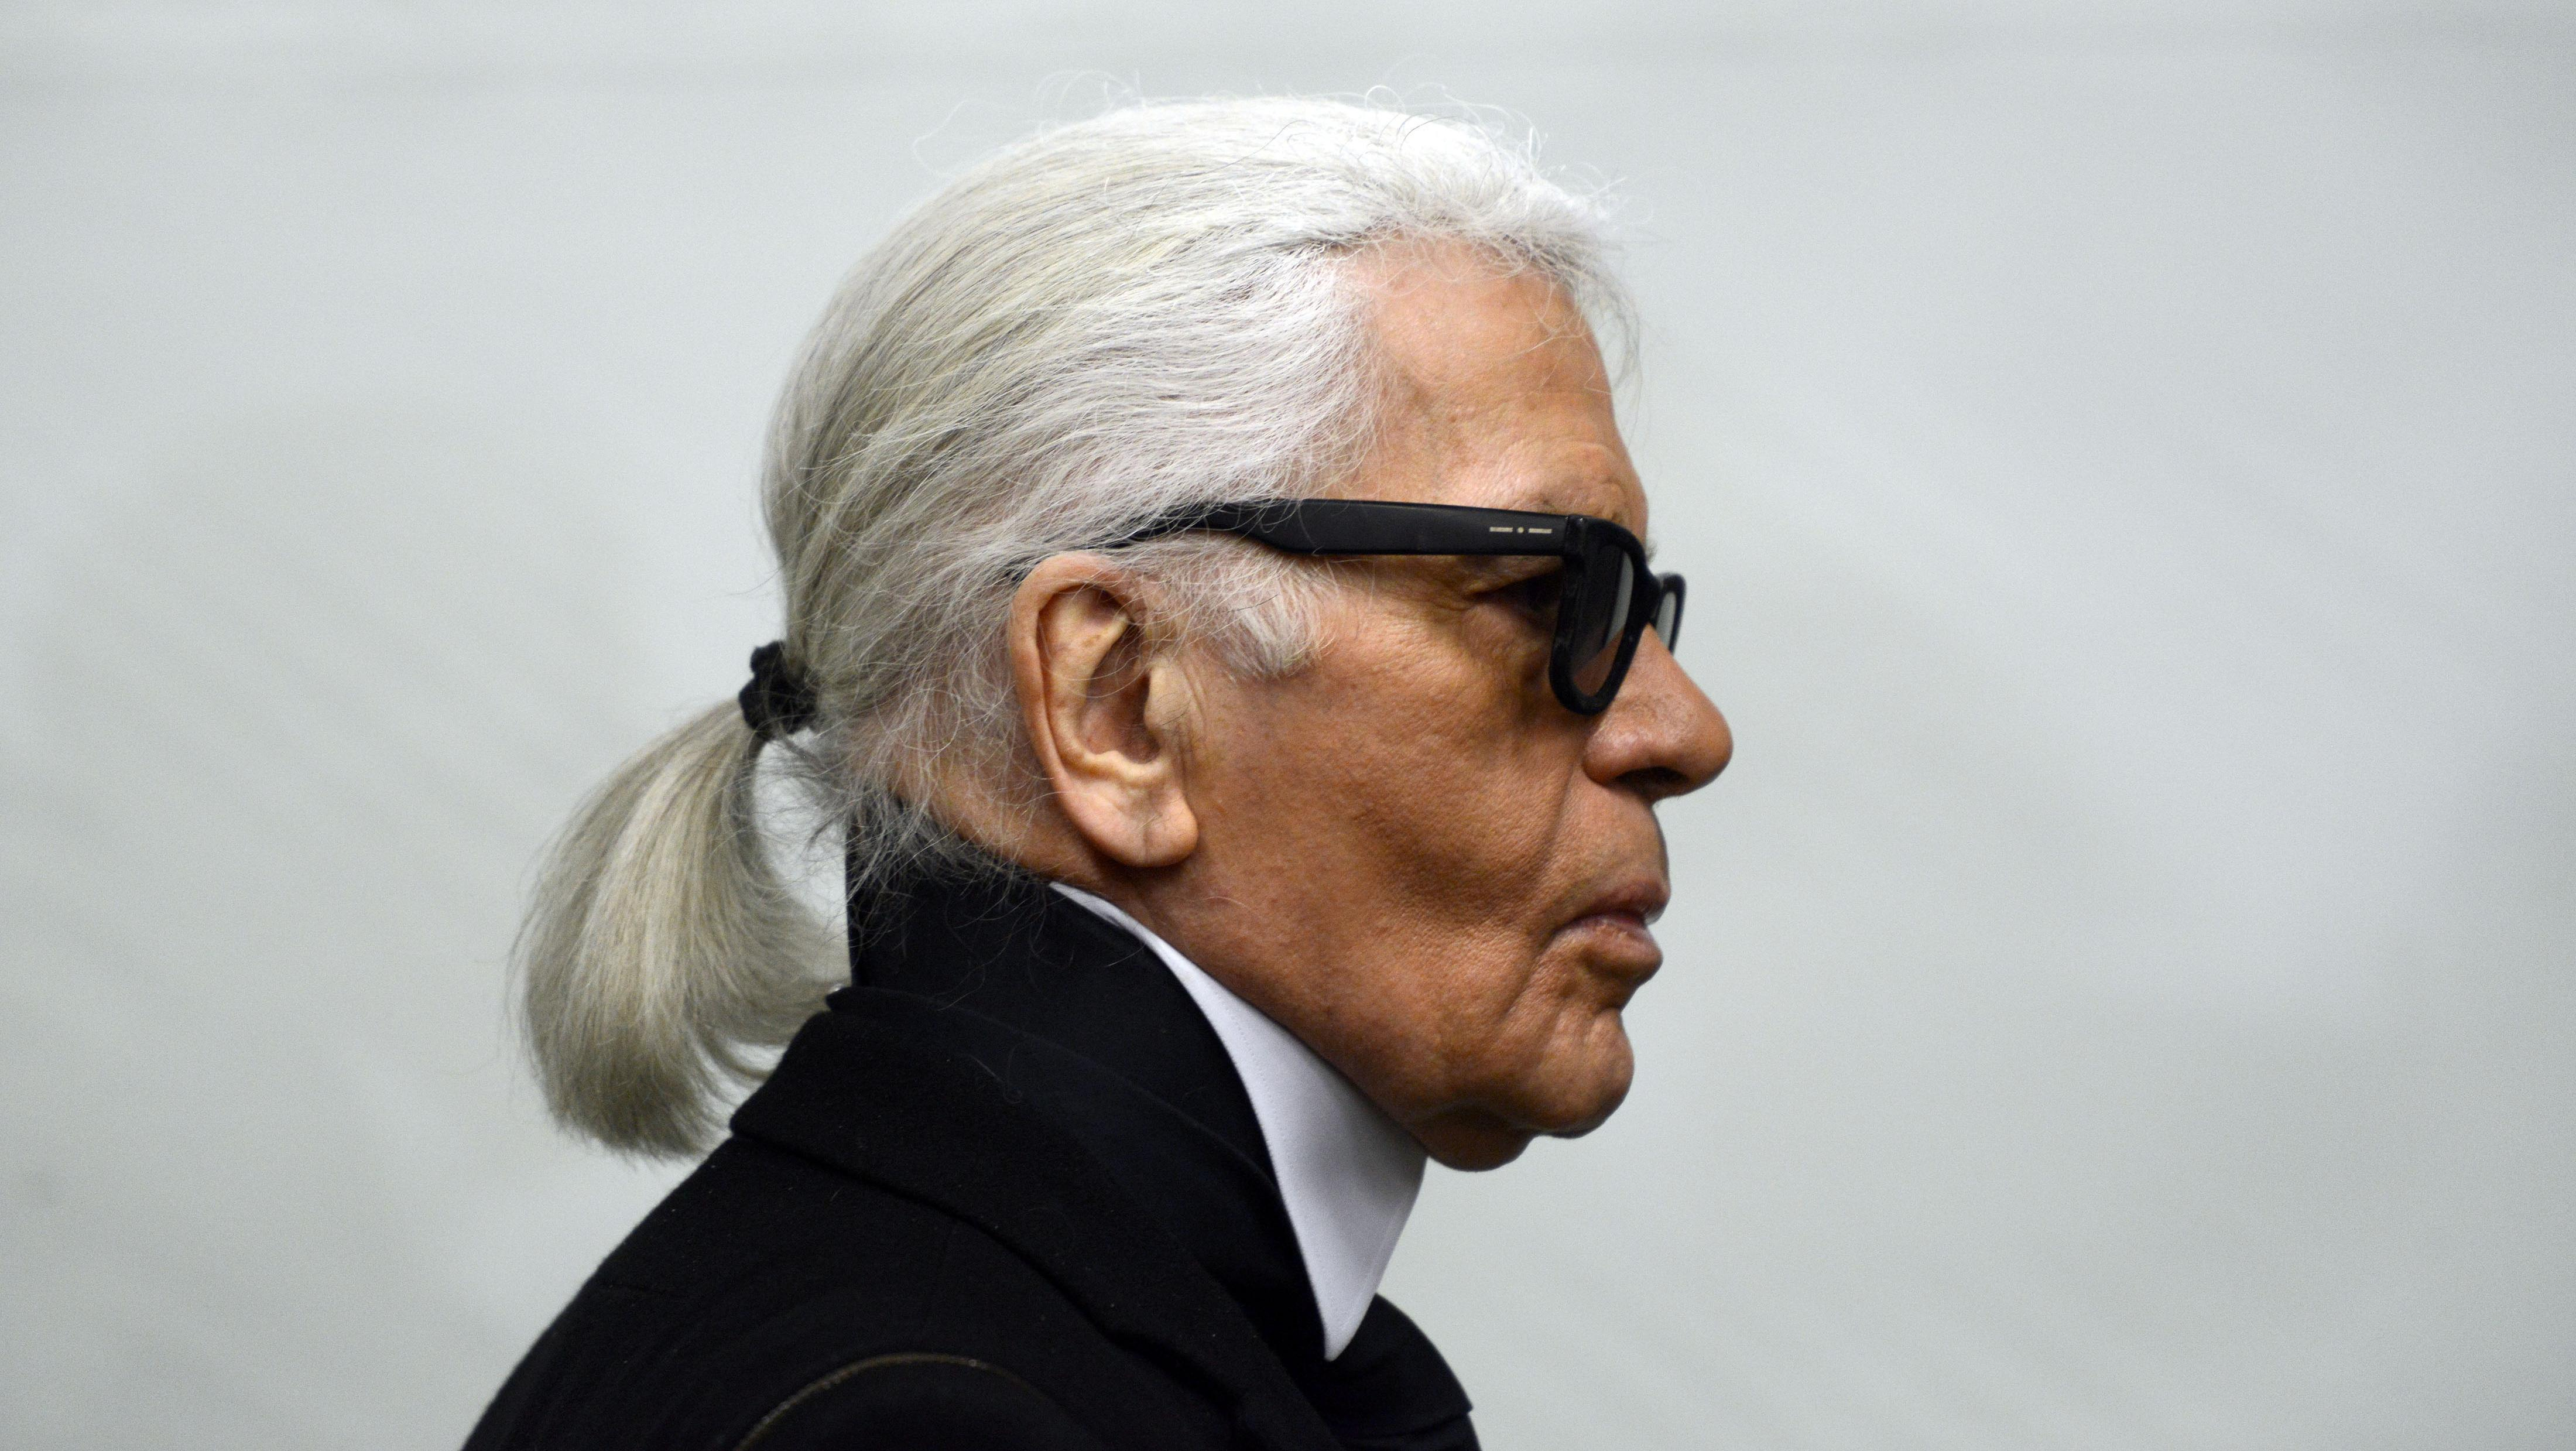 Karl Lagerfeld im Profil, mit Silberzopf und Sonnenbrille